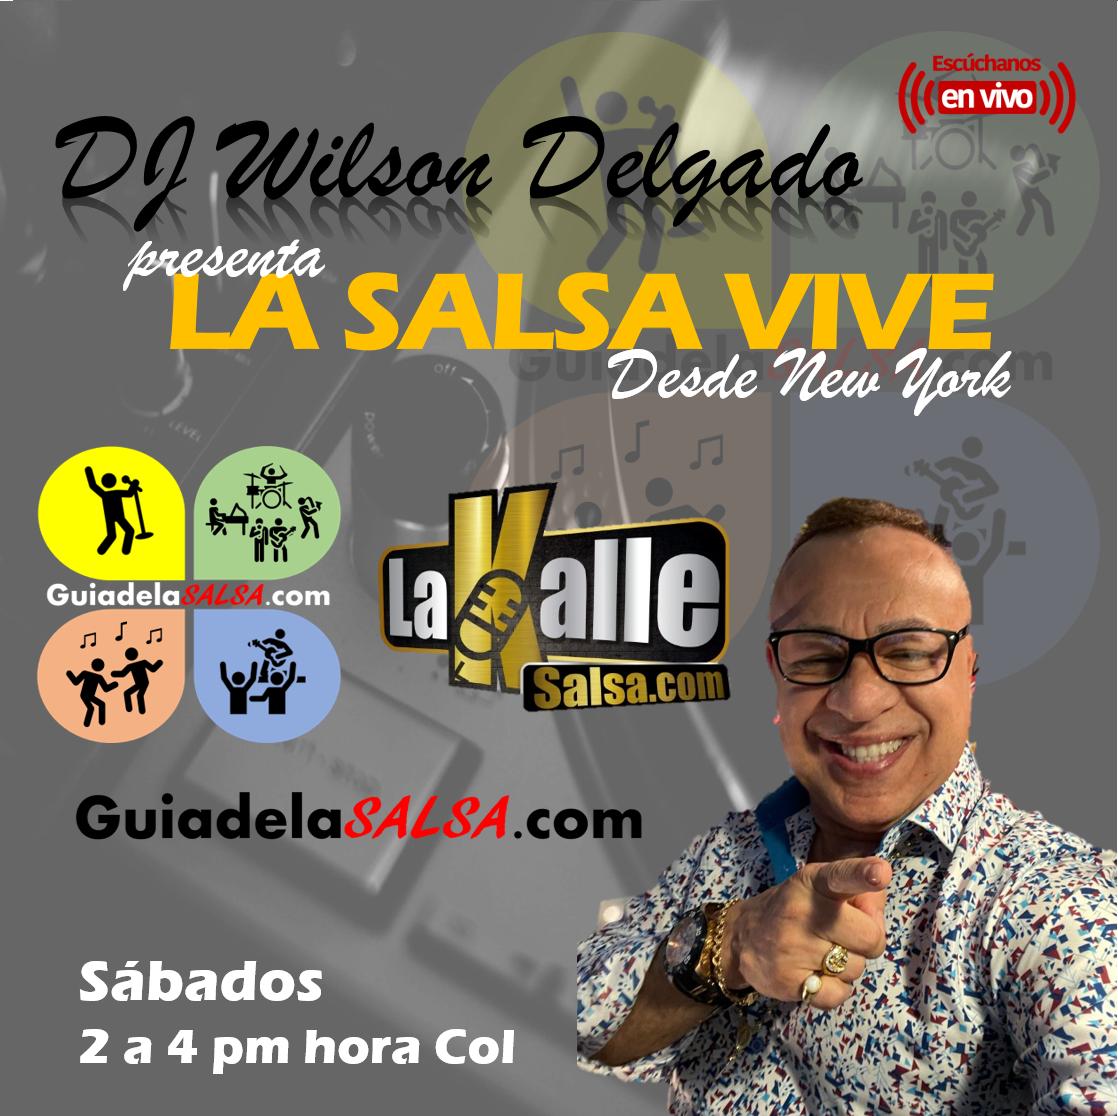 DJ Wilson Delgado - La Salsa Vive